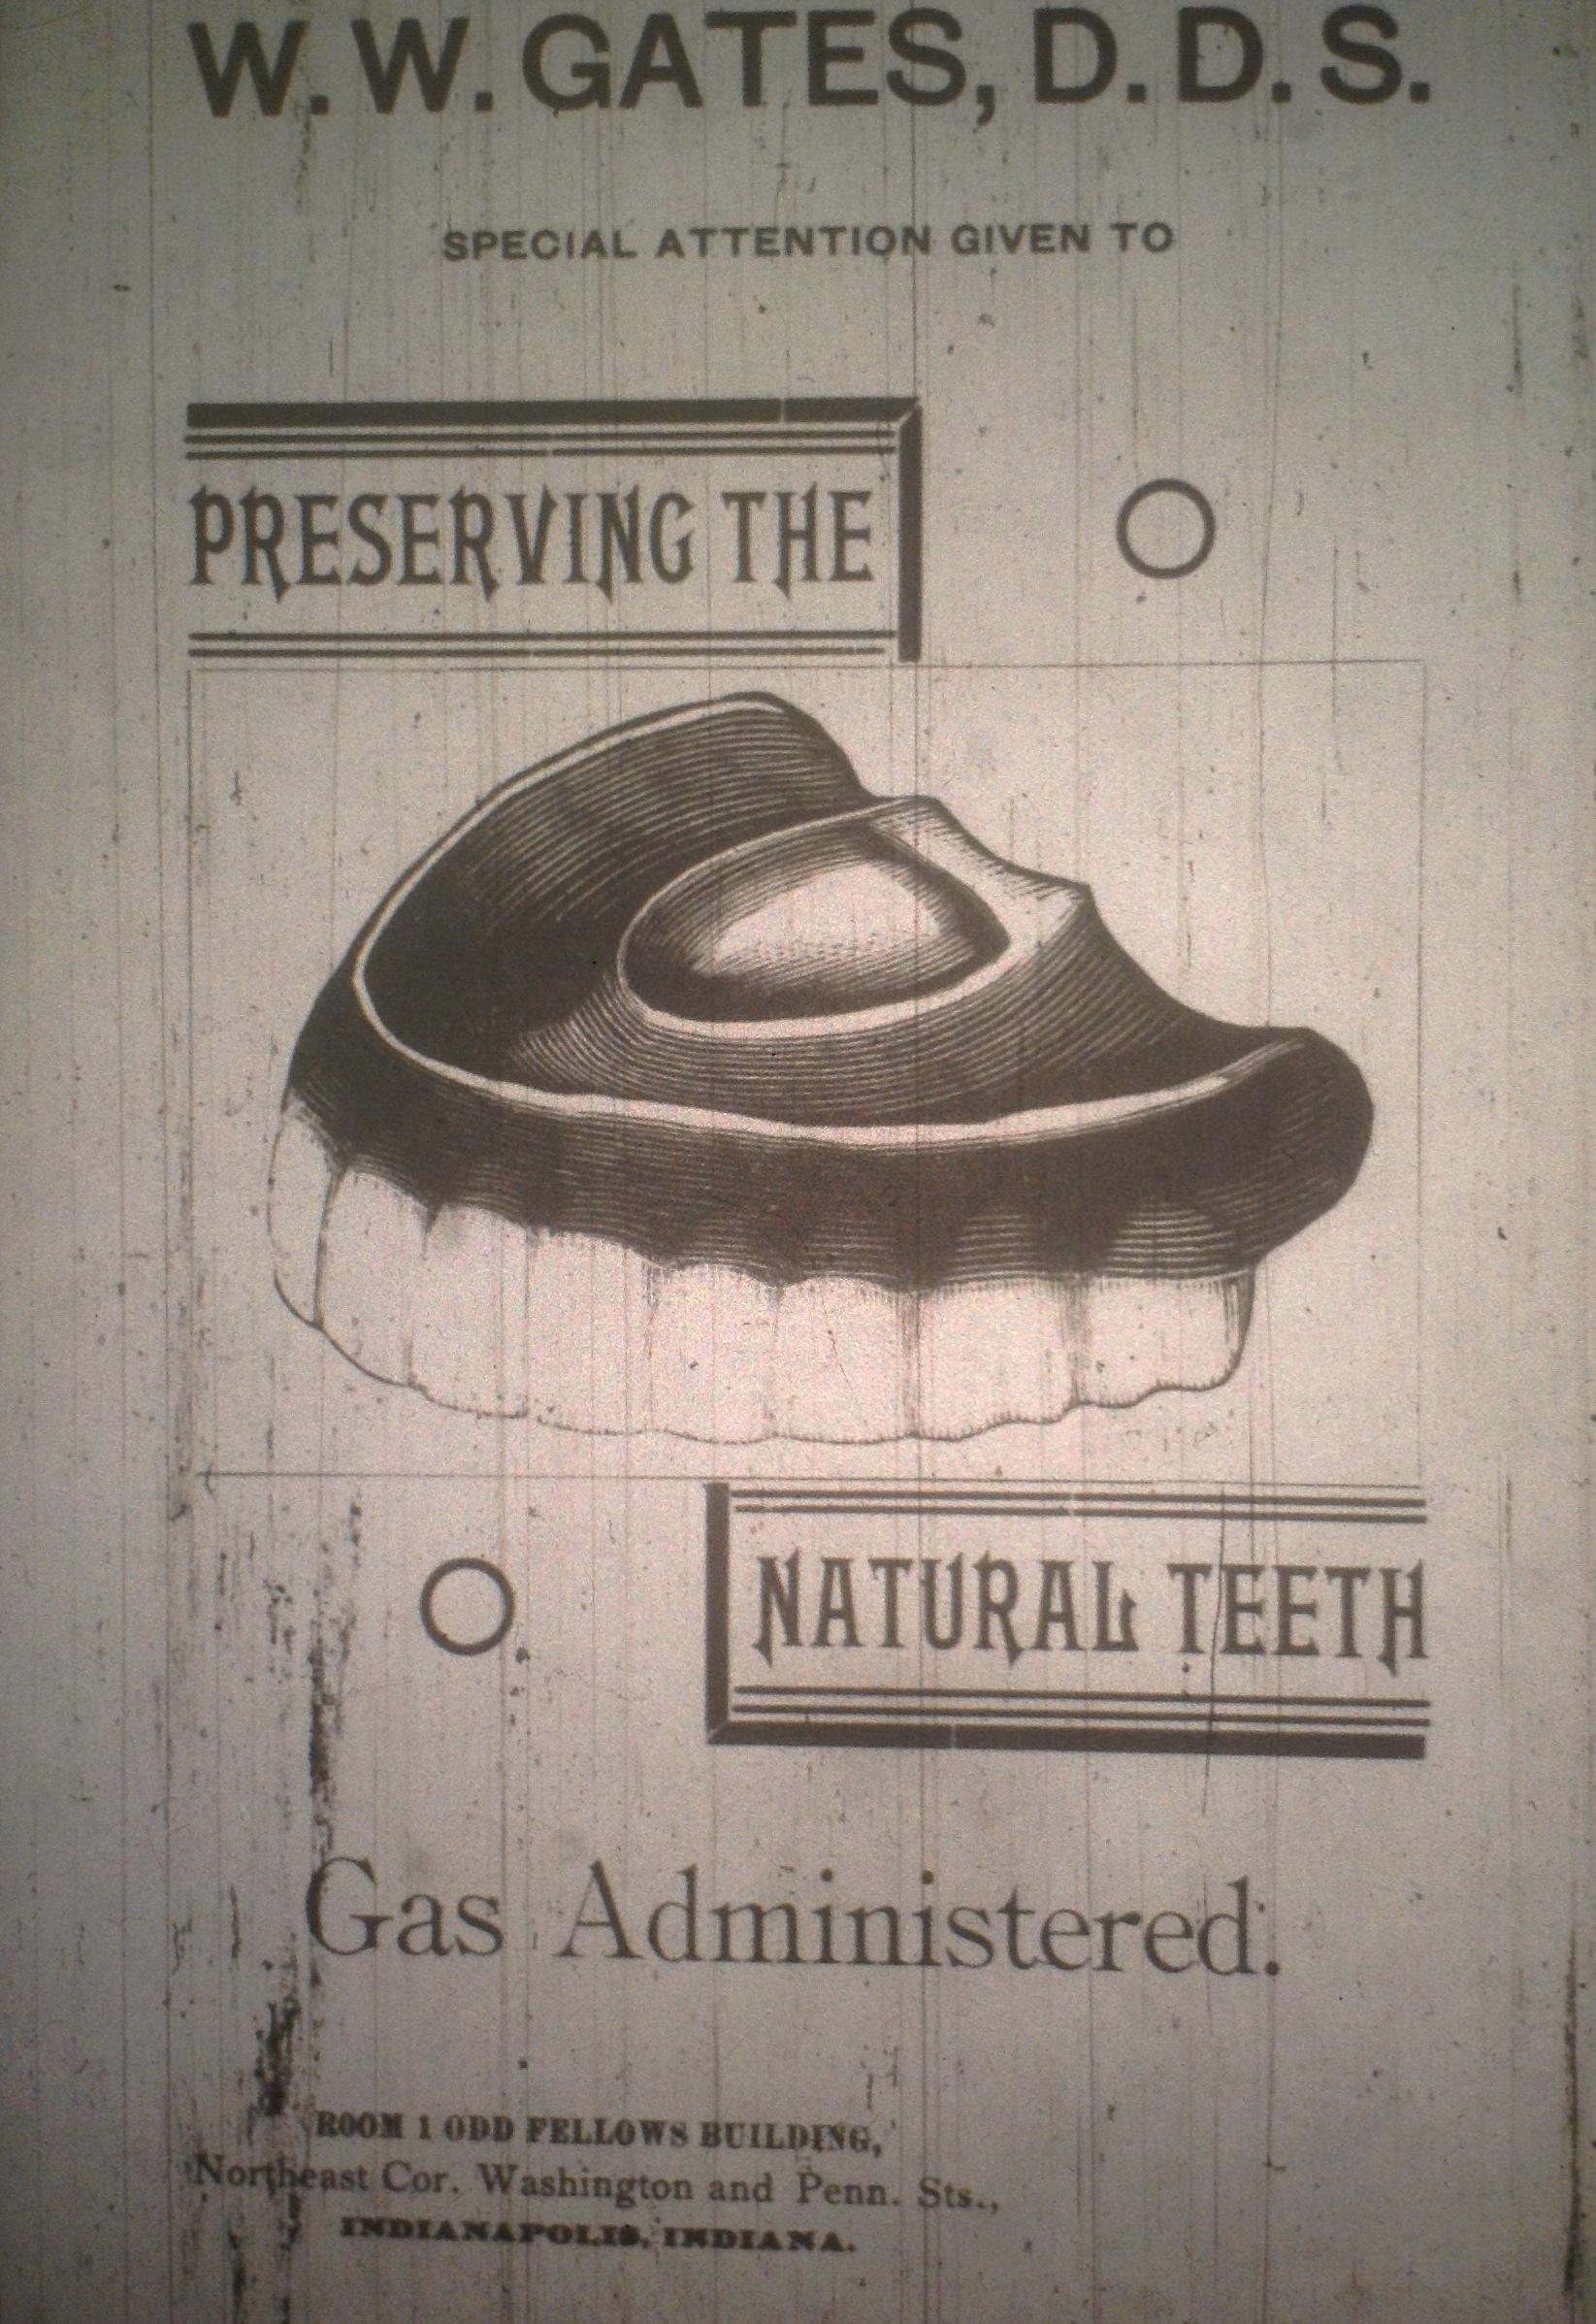 Sunday Adverts: W.W. Gates, DDS